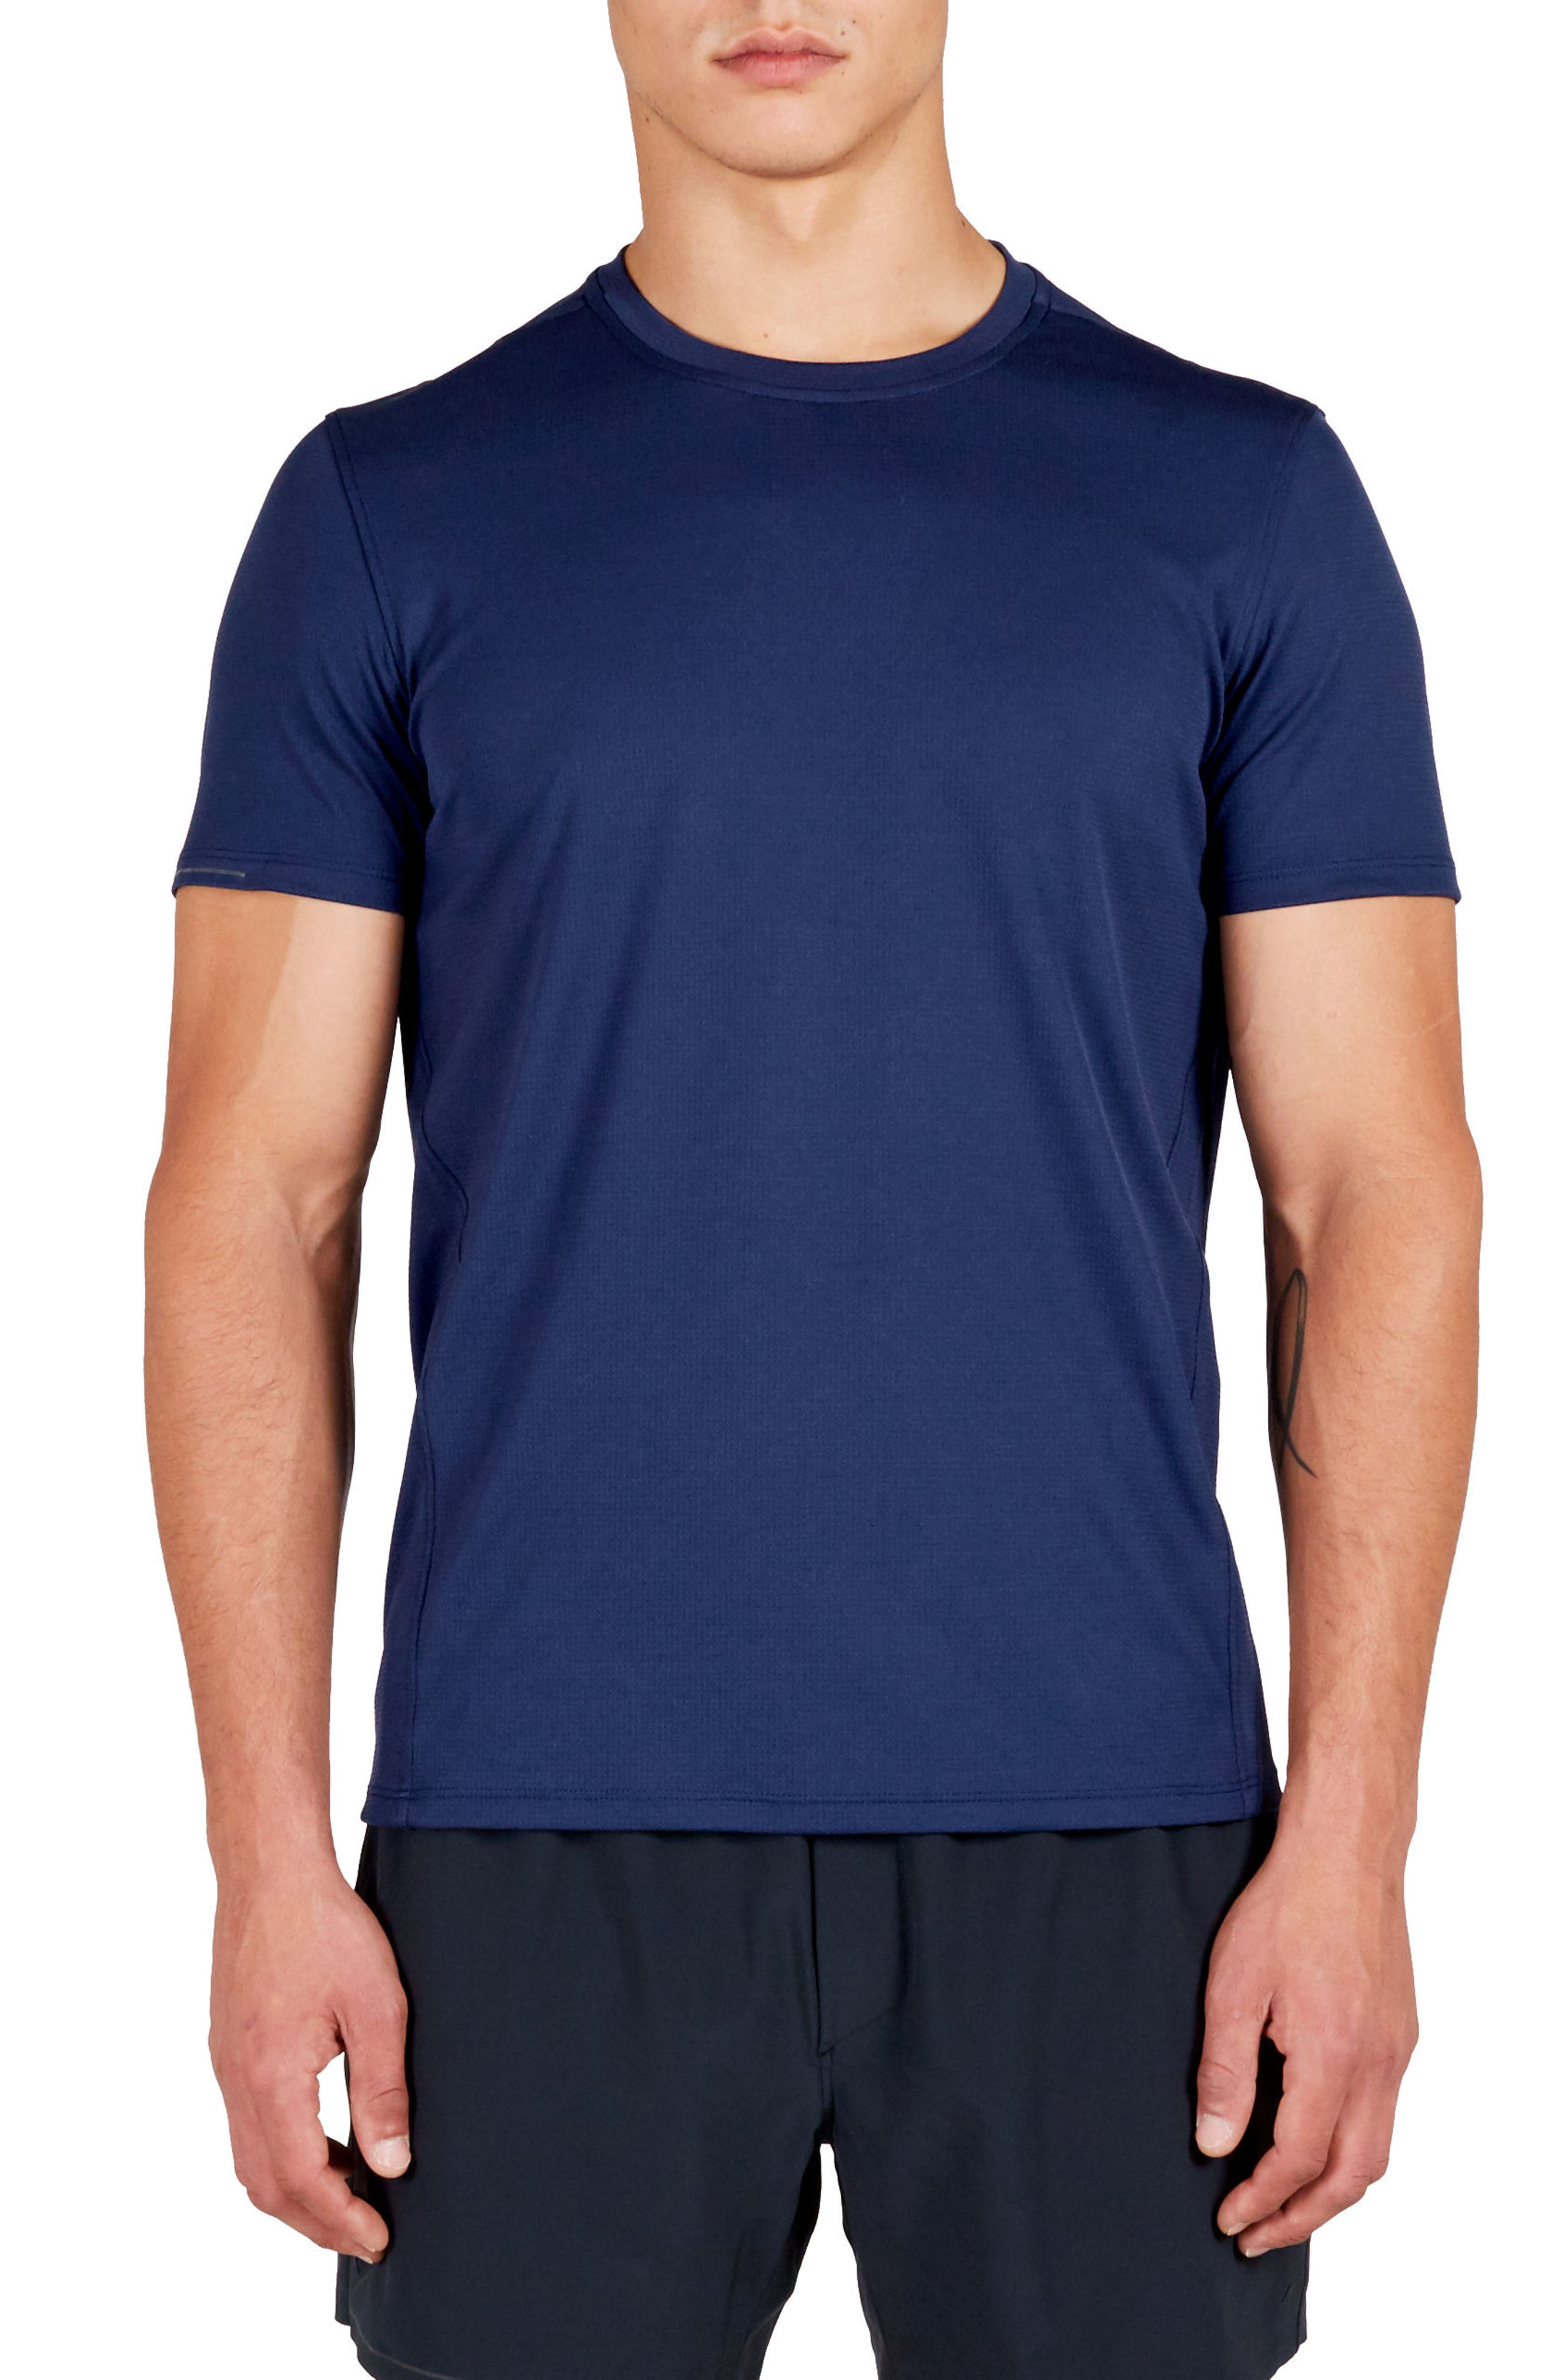 Alternate Image 1 Selected - Ten Thousand Distance Crewneck T-Shirt